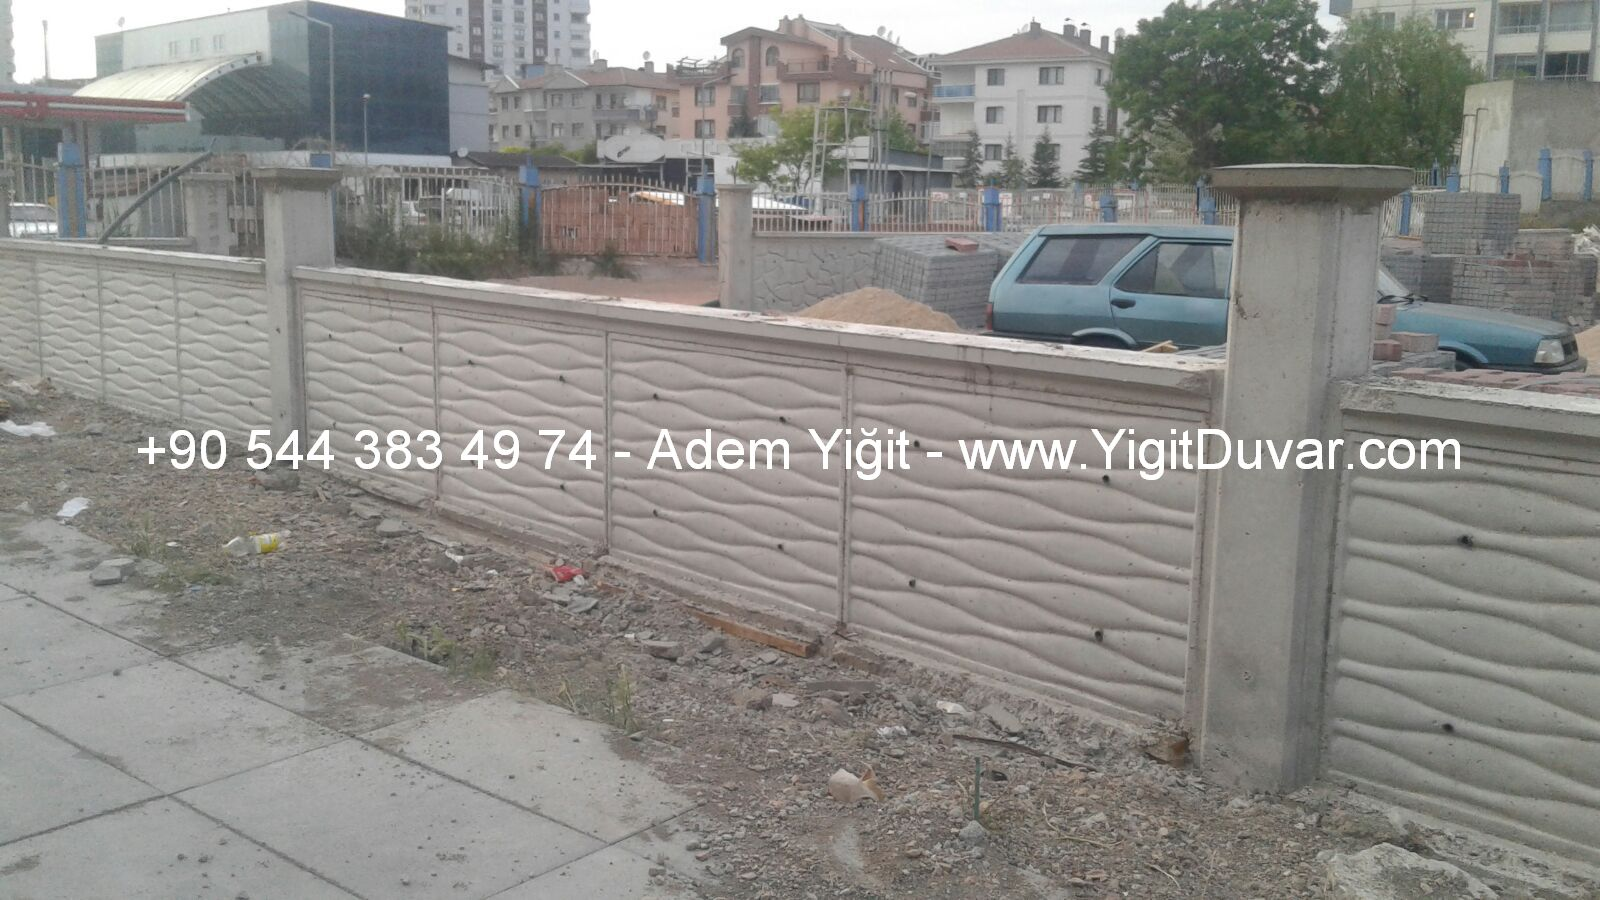 Ankara-duvar-ustasi-IMG-20180524-WA0089